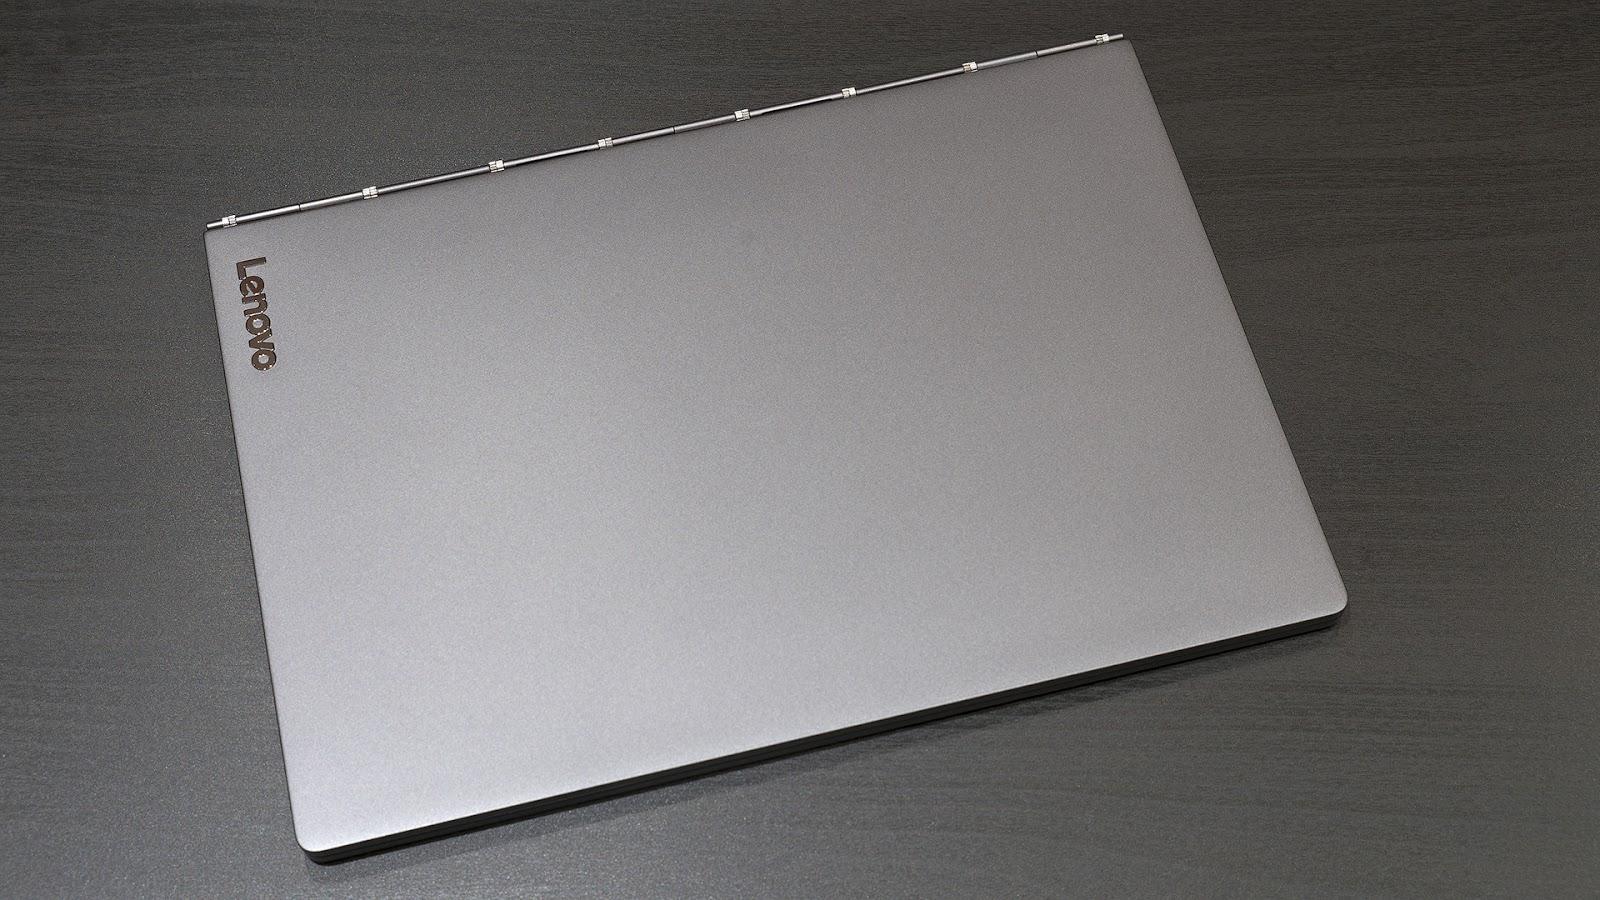 Lenovo YogaBook C930: устройство, которое заменяет сразу четыре гаджета - 2